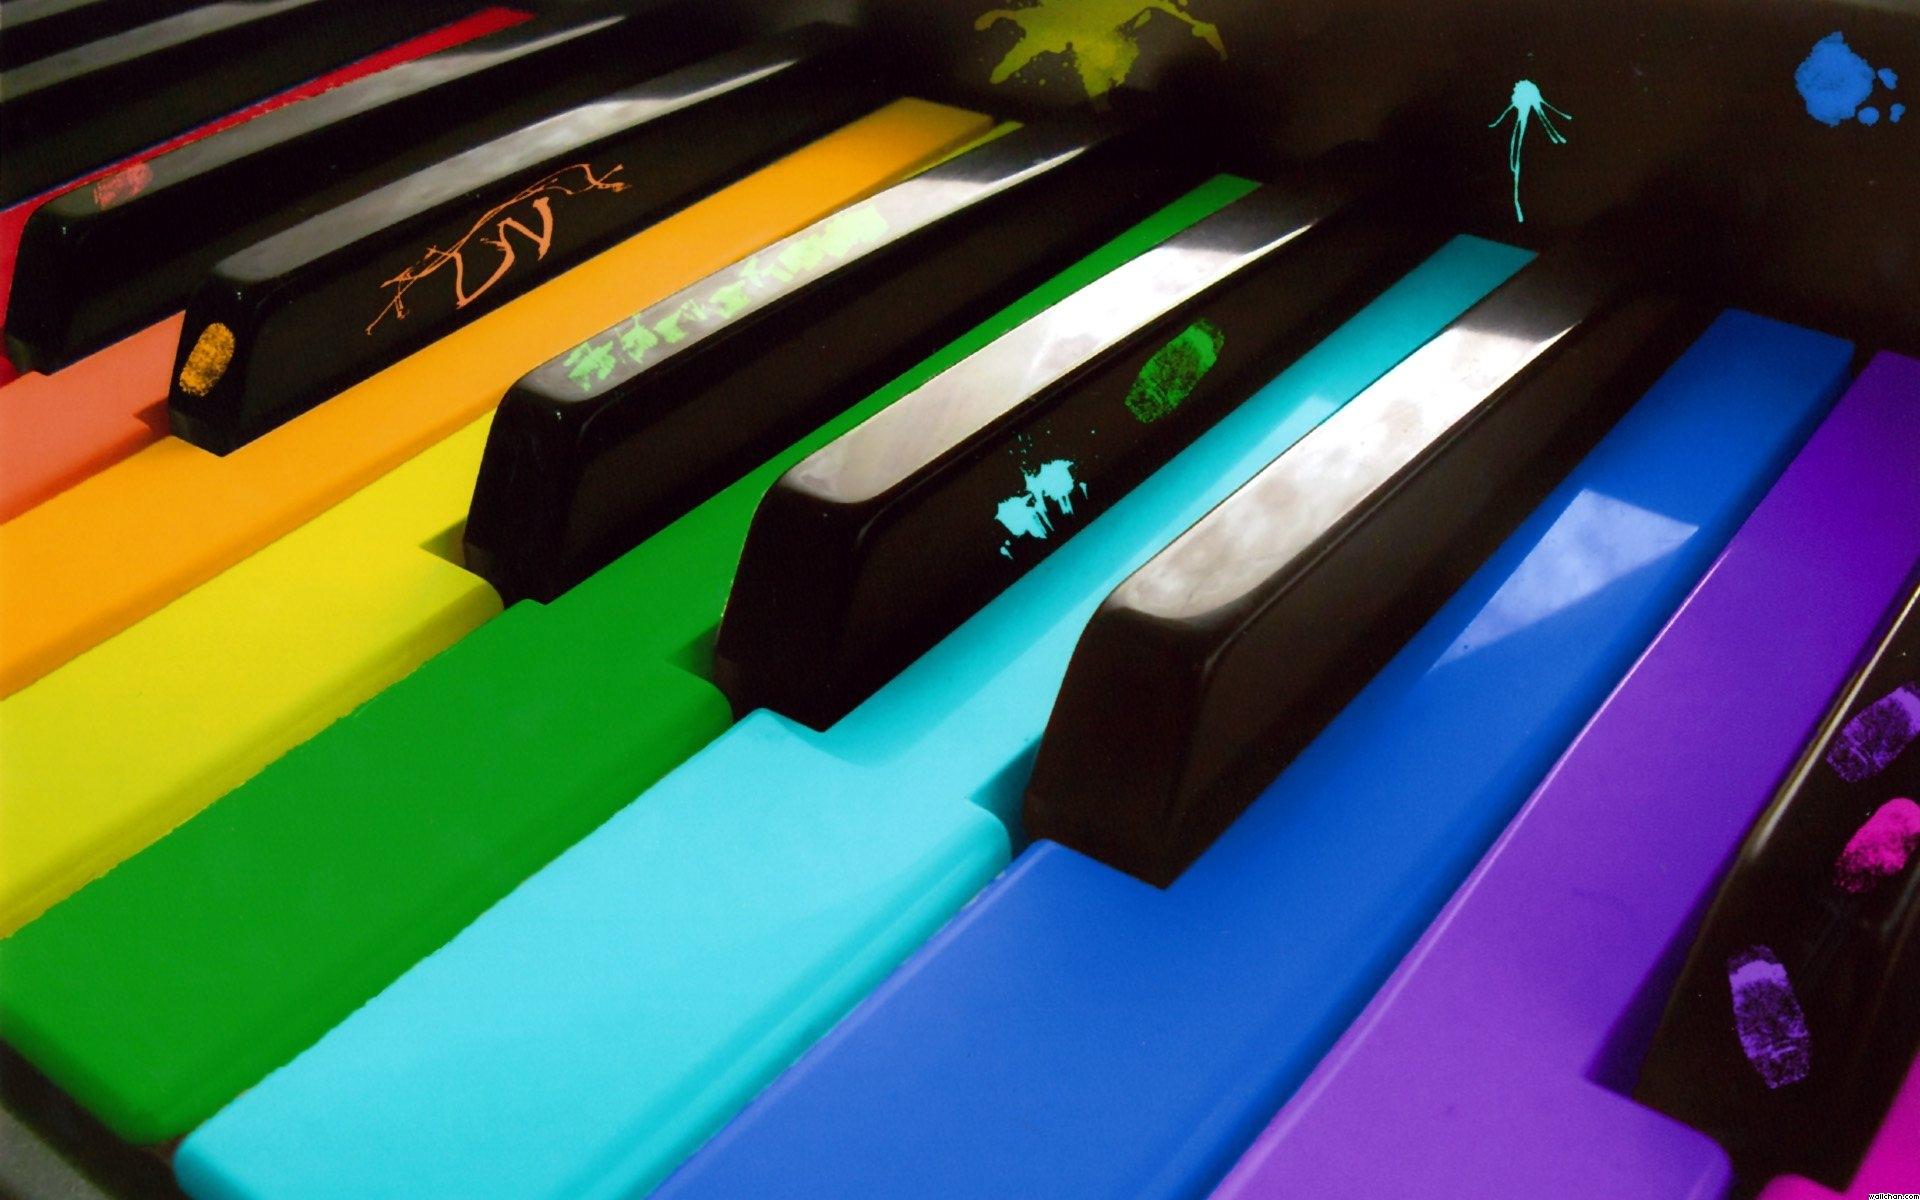 пианино, клавиши, радуга, краска, скачать фото, обои для рабочего стола